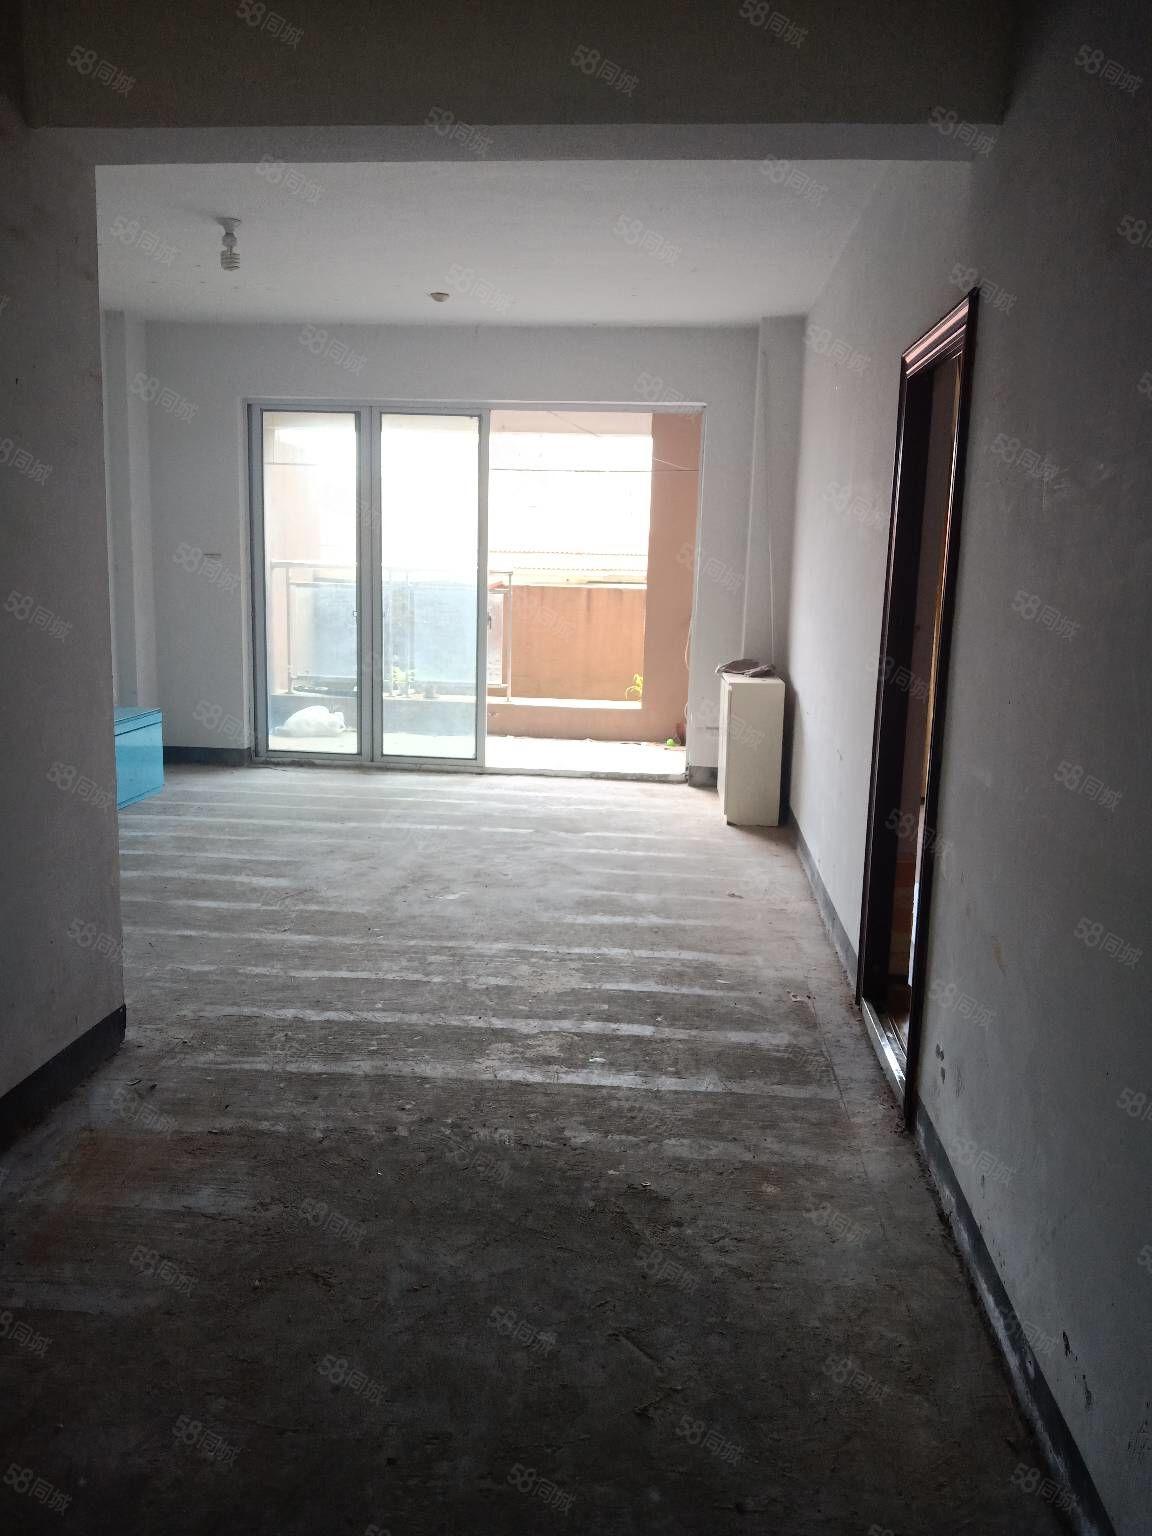 新城电梯房毛坯出售,有大阳台还送一个差不多30平方左右的露台